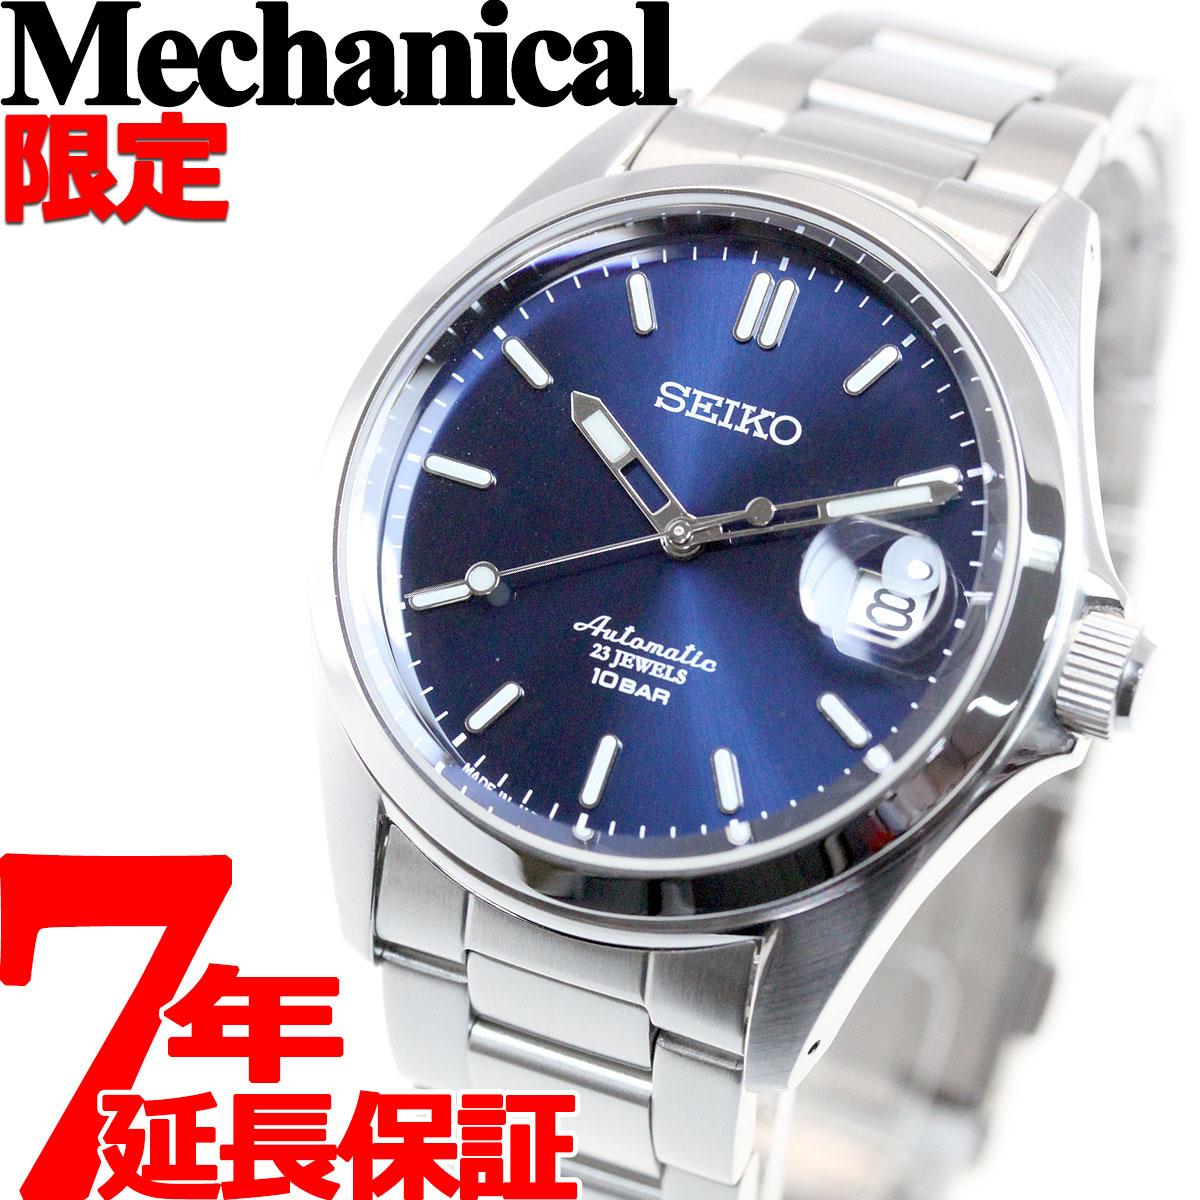 腕時計, メンズ腕時計 22101OFF3526959 SEIKO Mechanical SZSB0162020